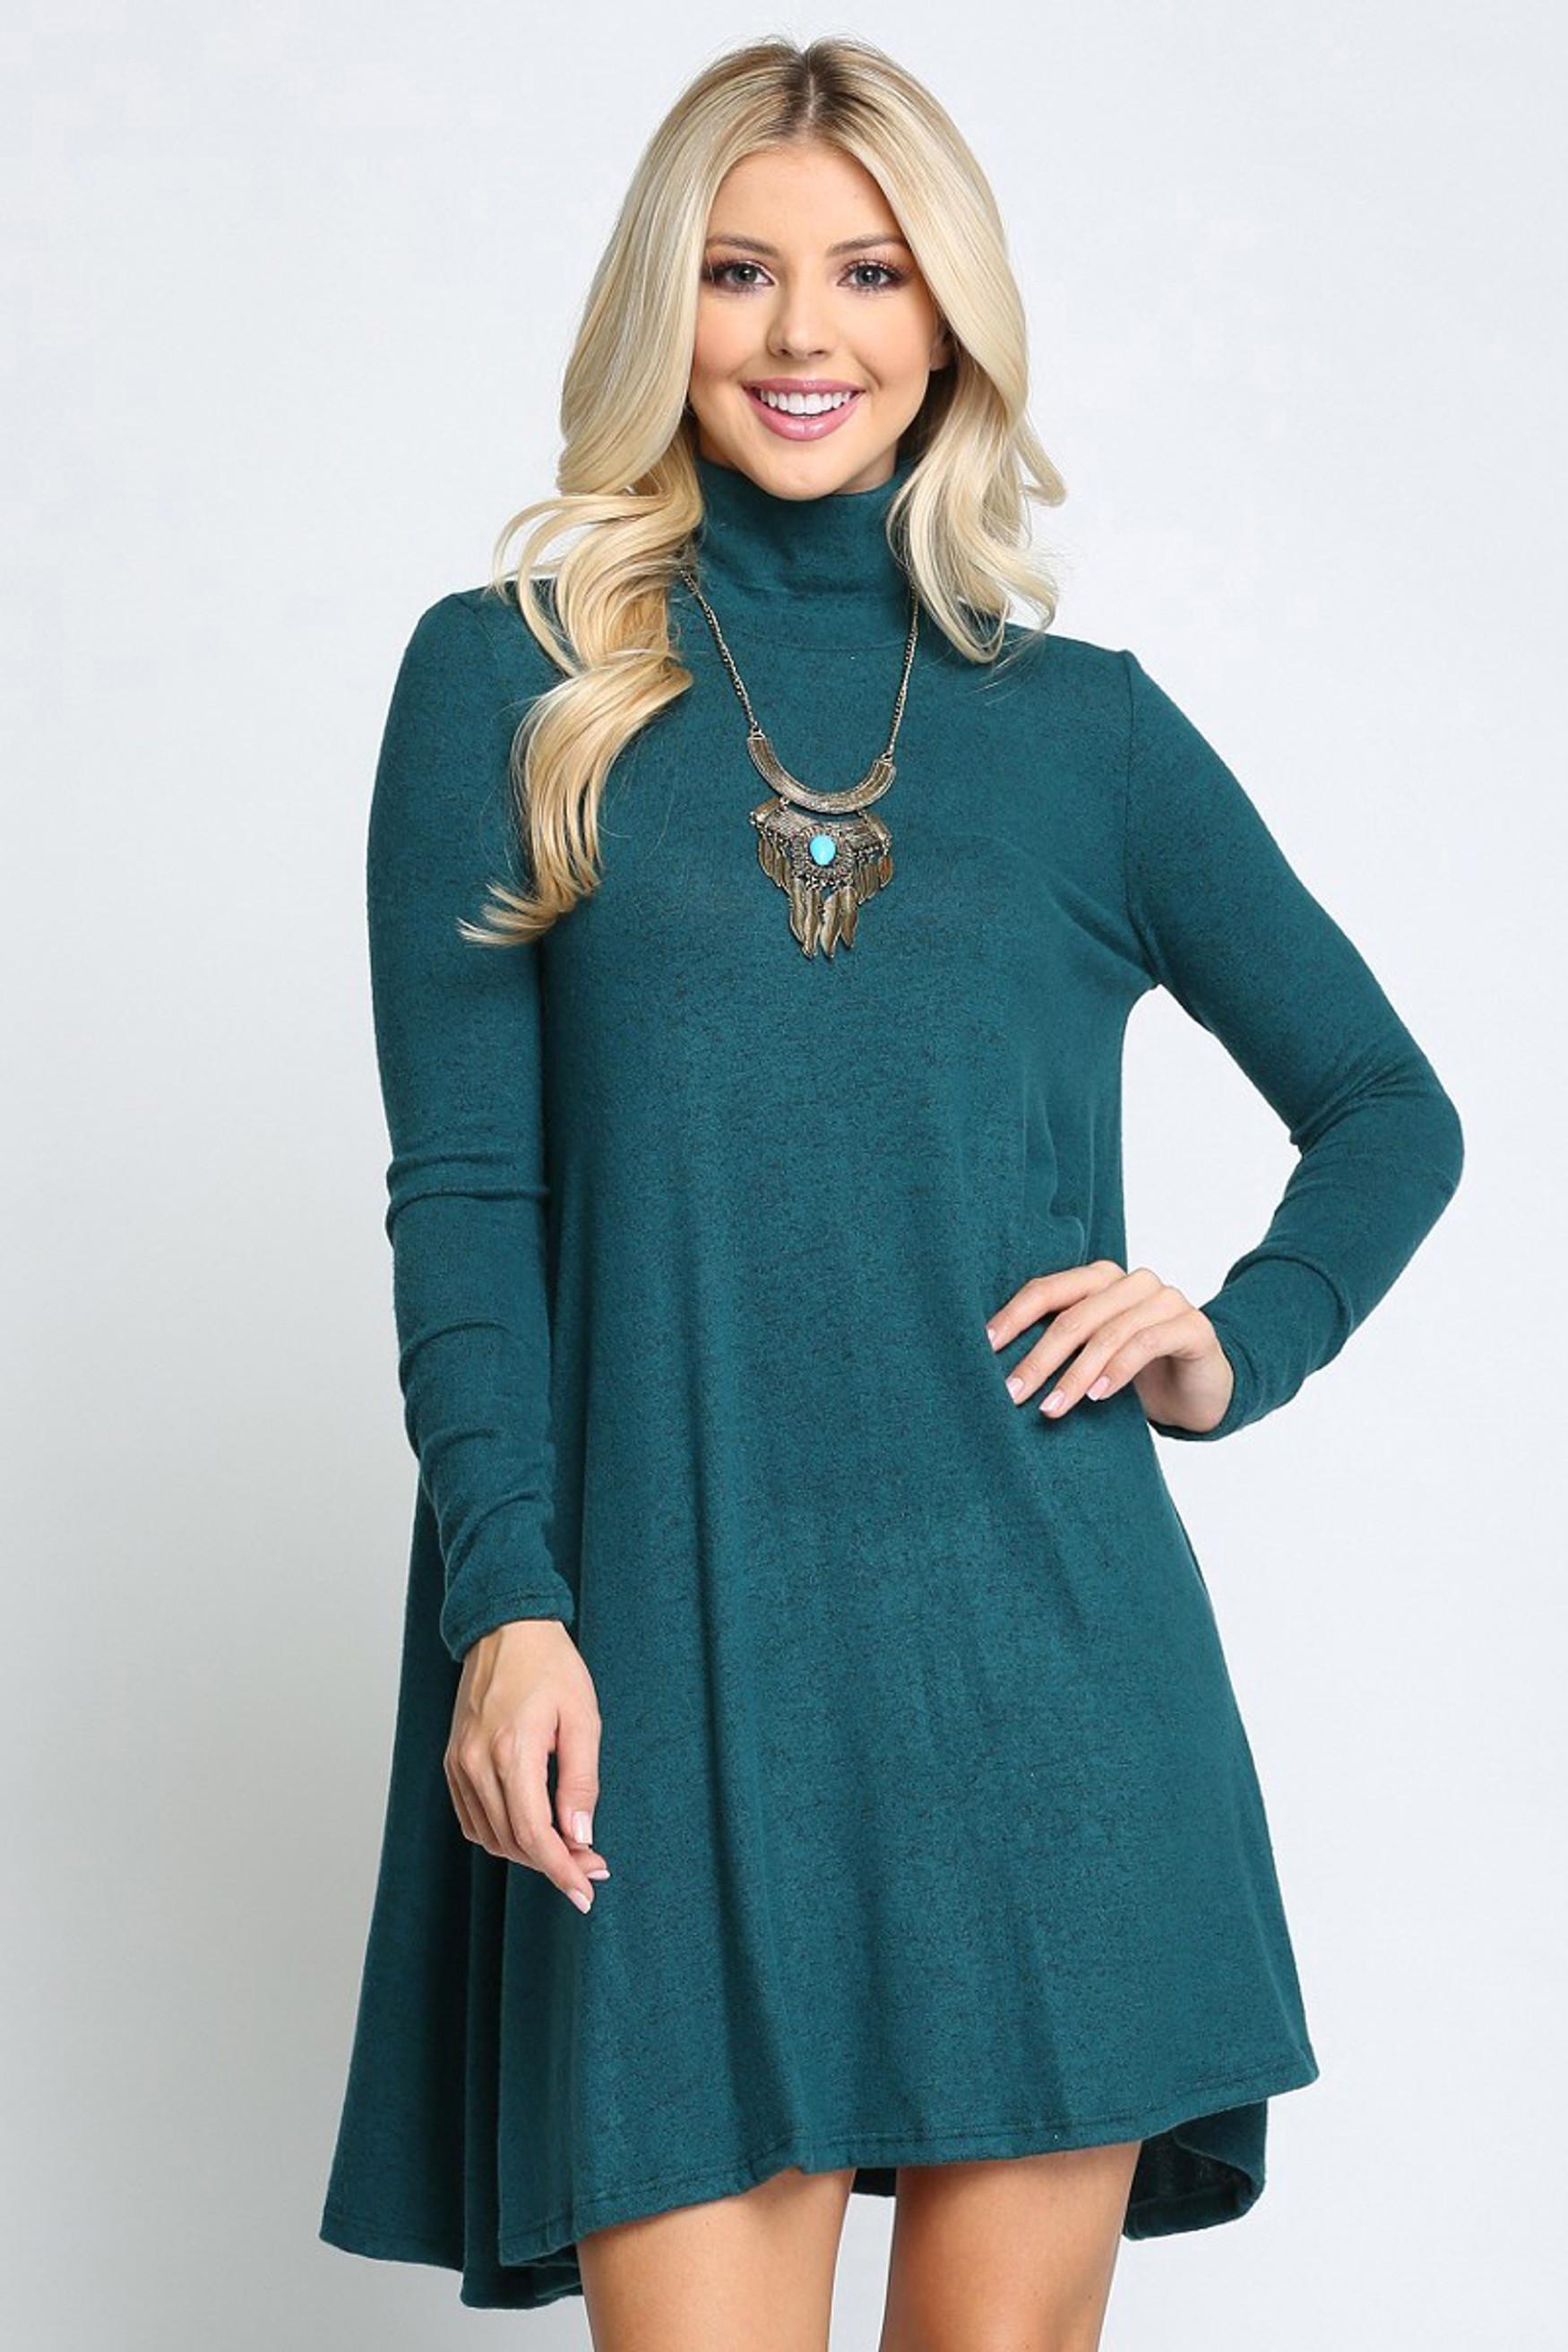 Hunter Green Long Sleeve Hacci Knit Mock Neck Swing Dress